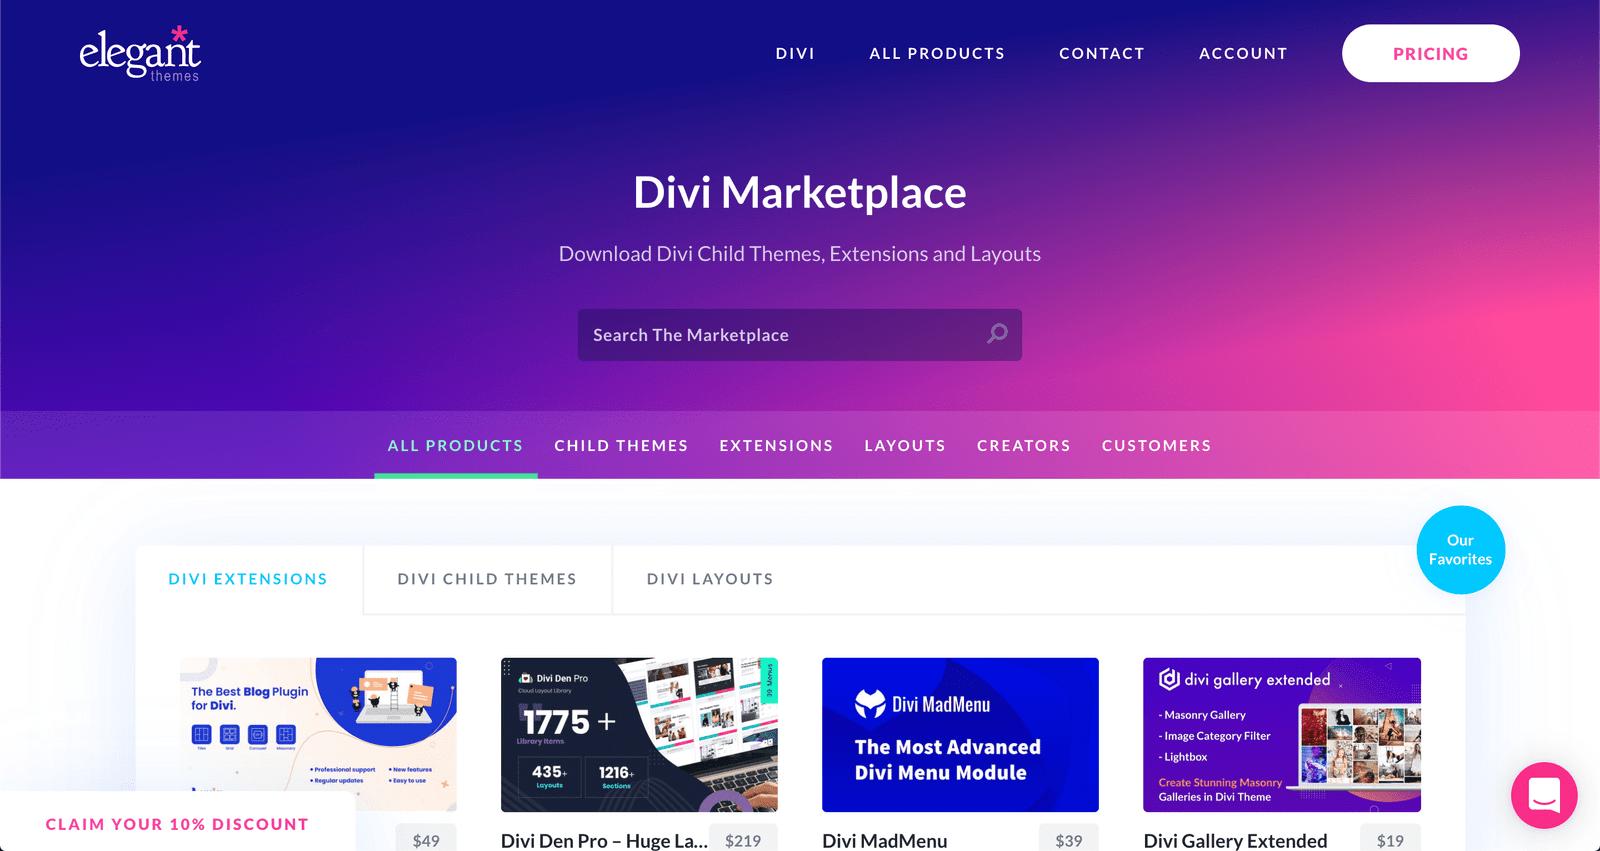 La Divi MarketPlace